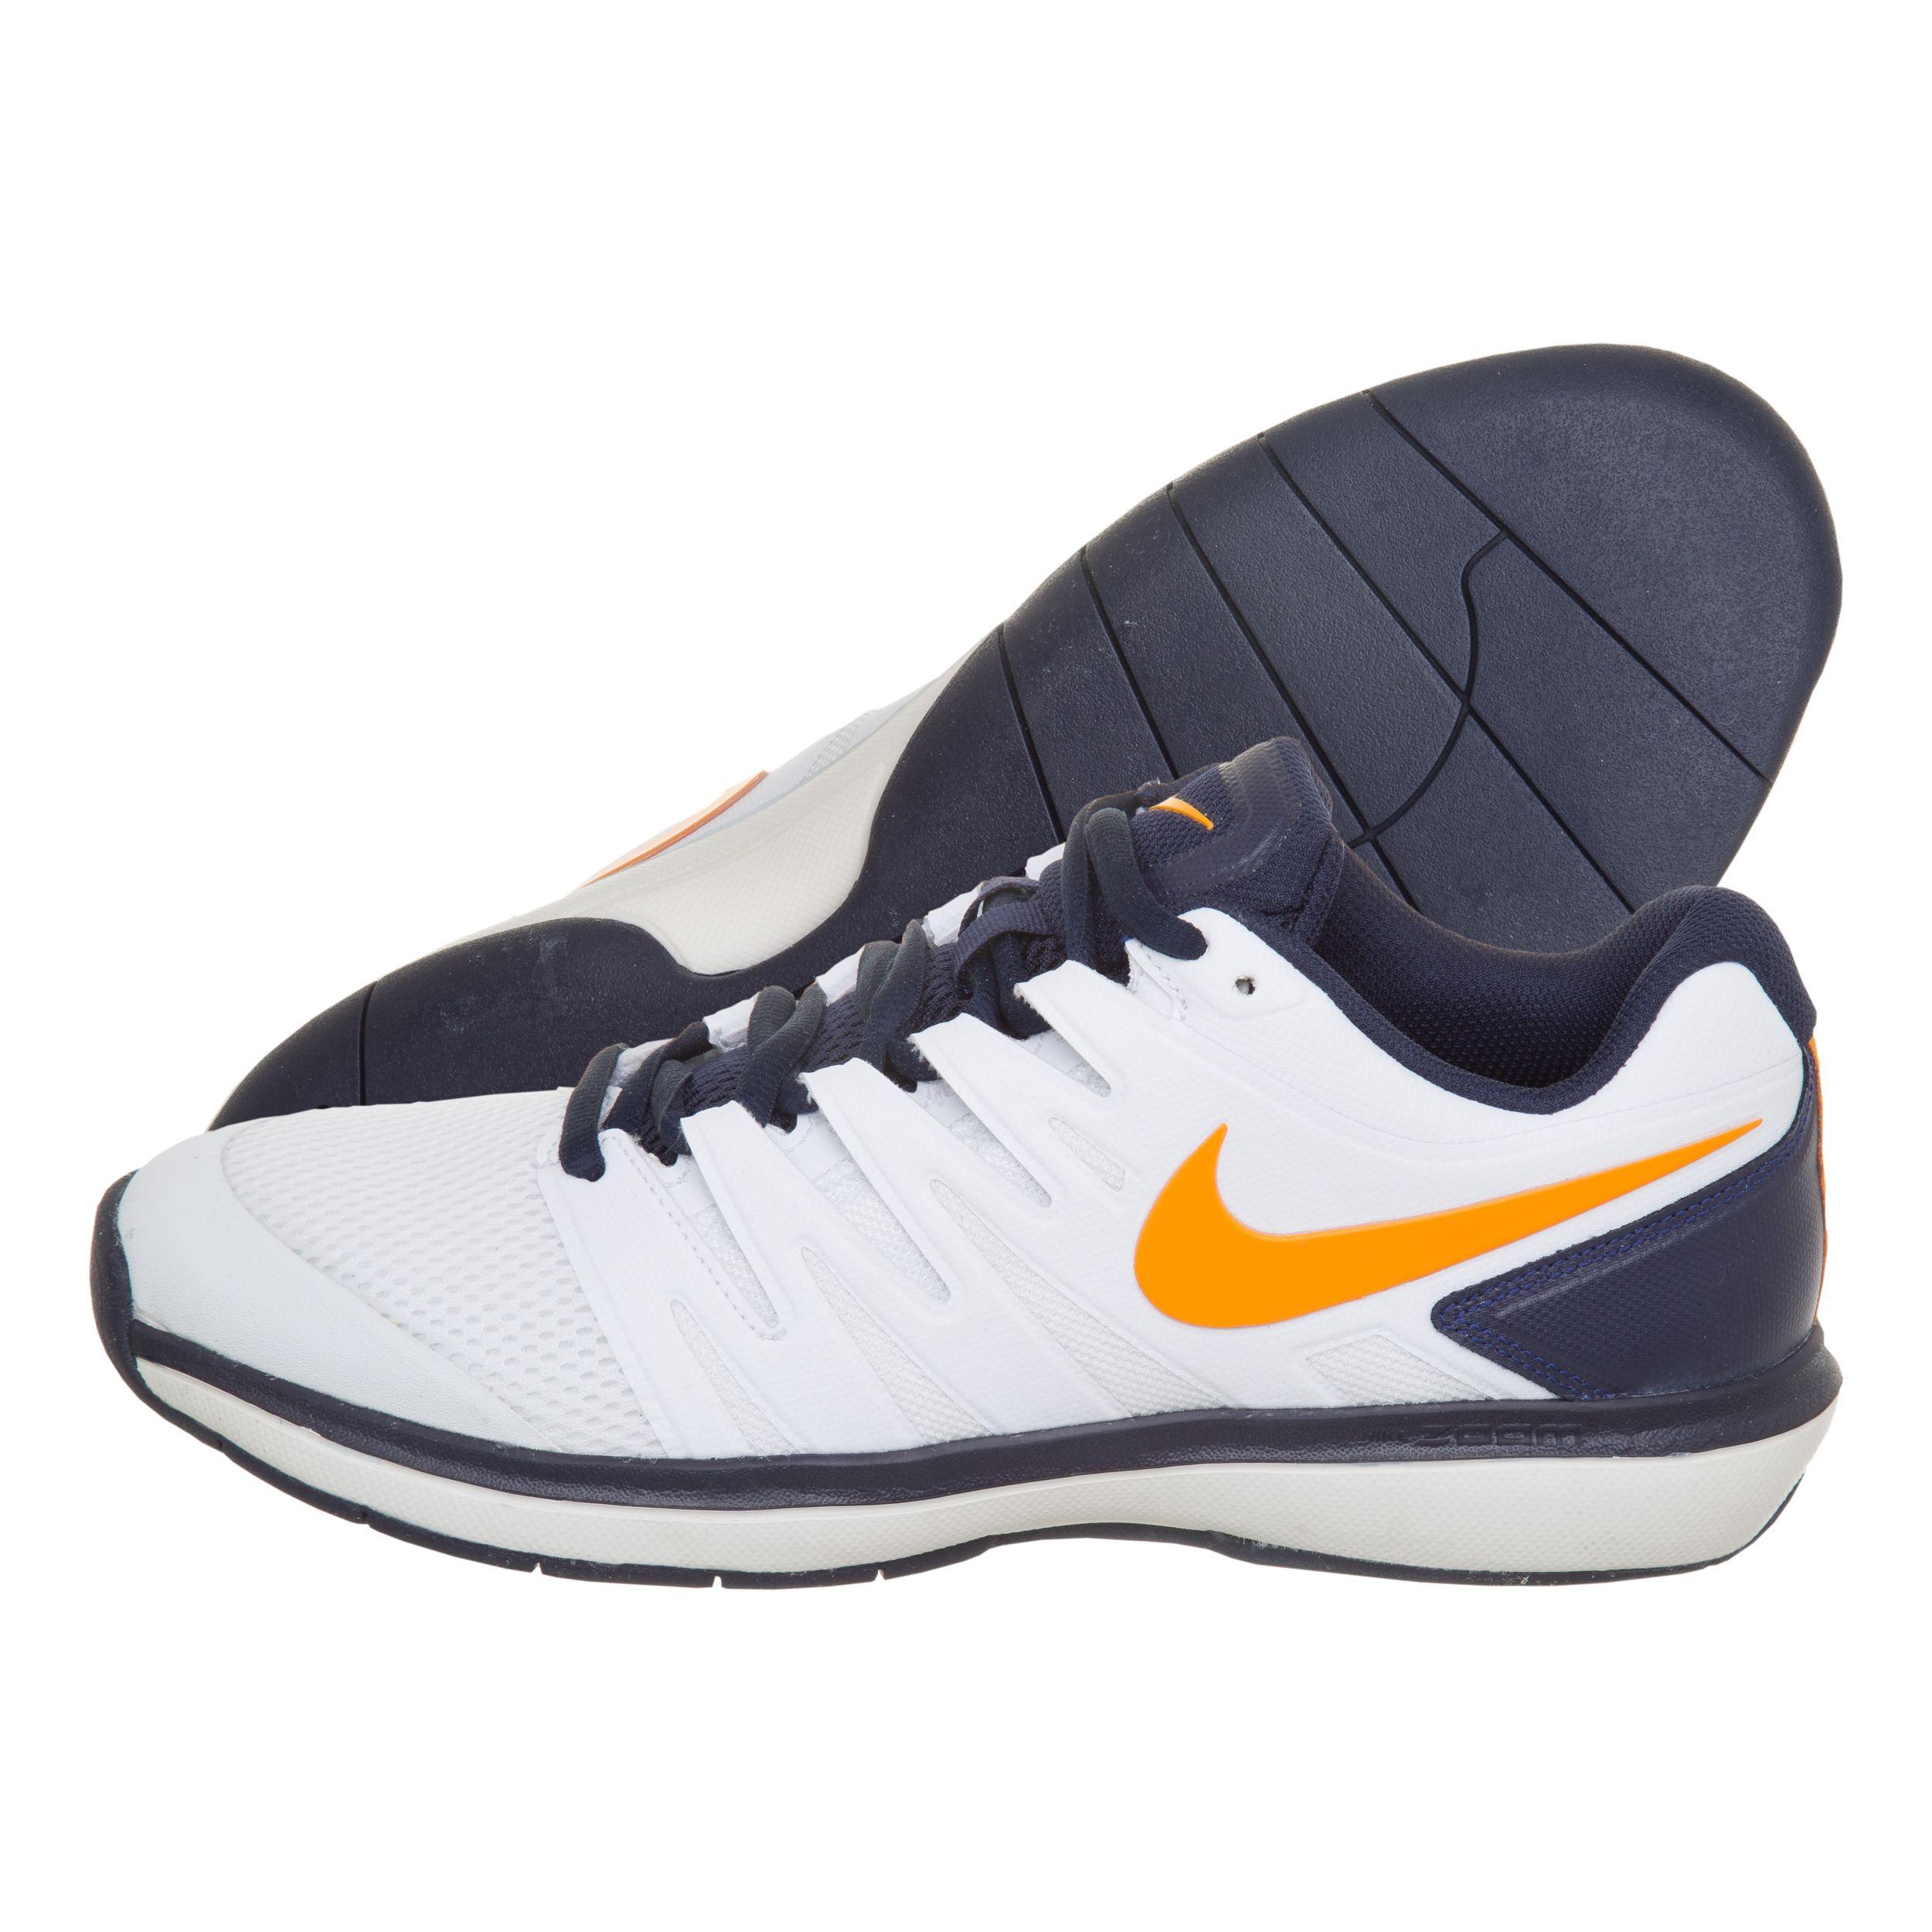 Teppichschuh Prestige Carpet Herren Nike Weiß Zoom Air dBexCo